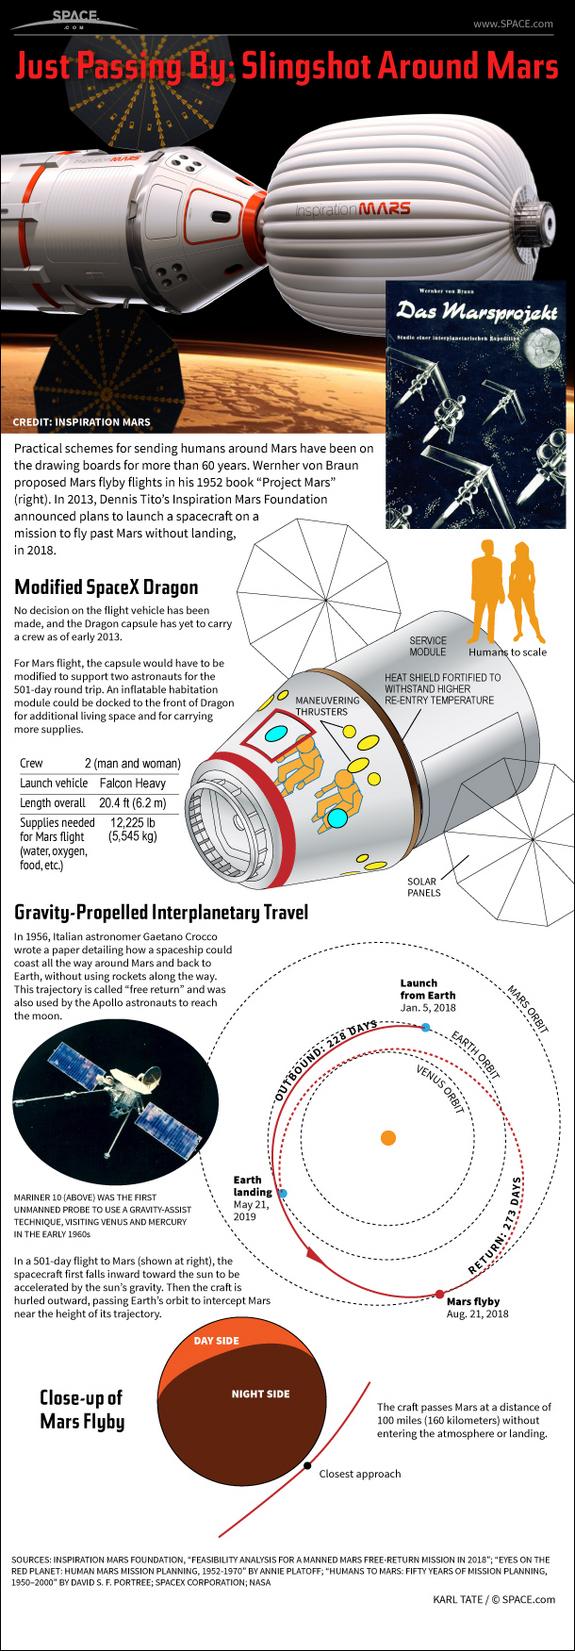 tito-mars-mission-2018-130227c-02